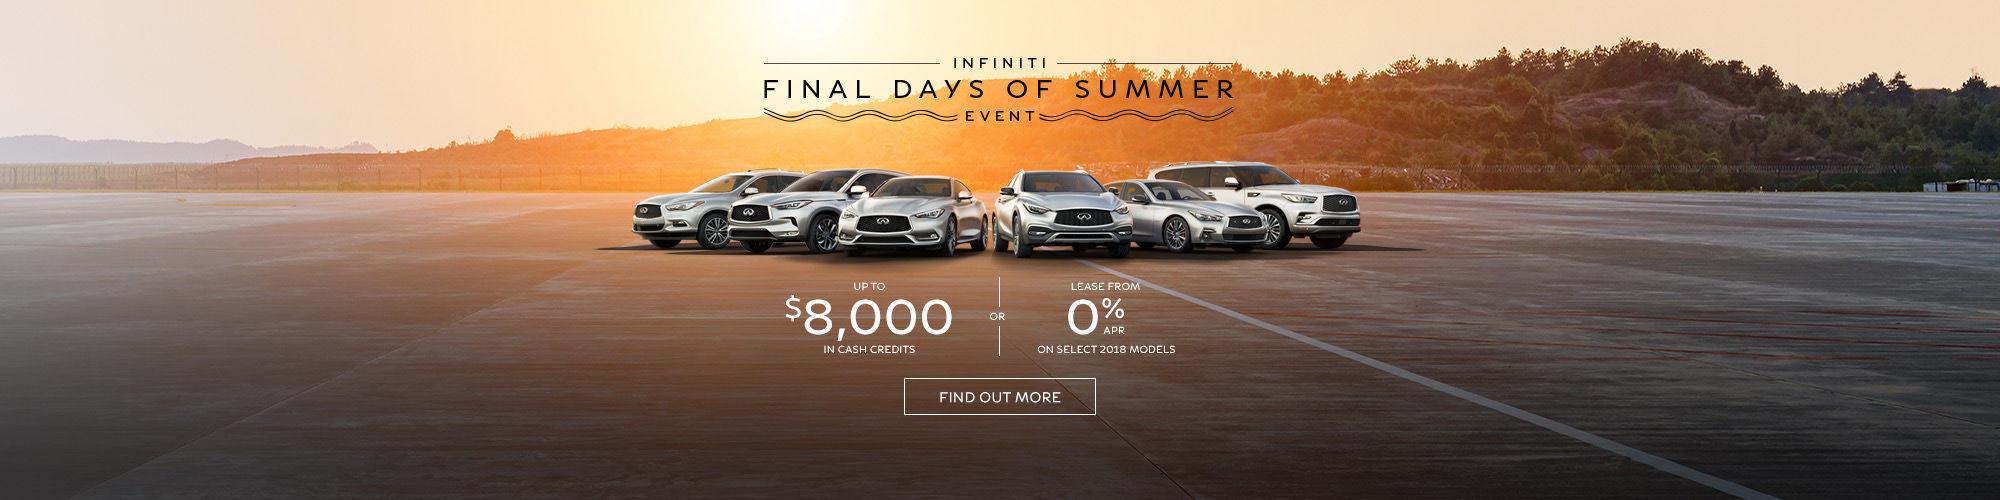 Infiniti final days of summer event